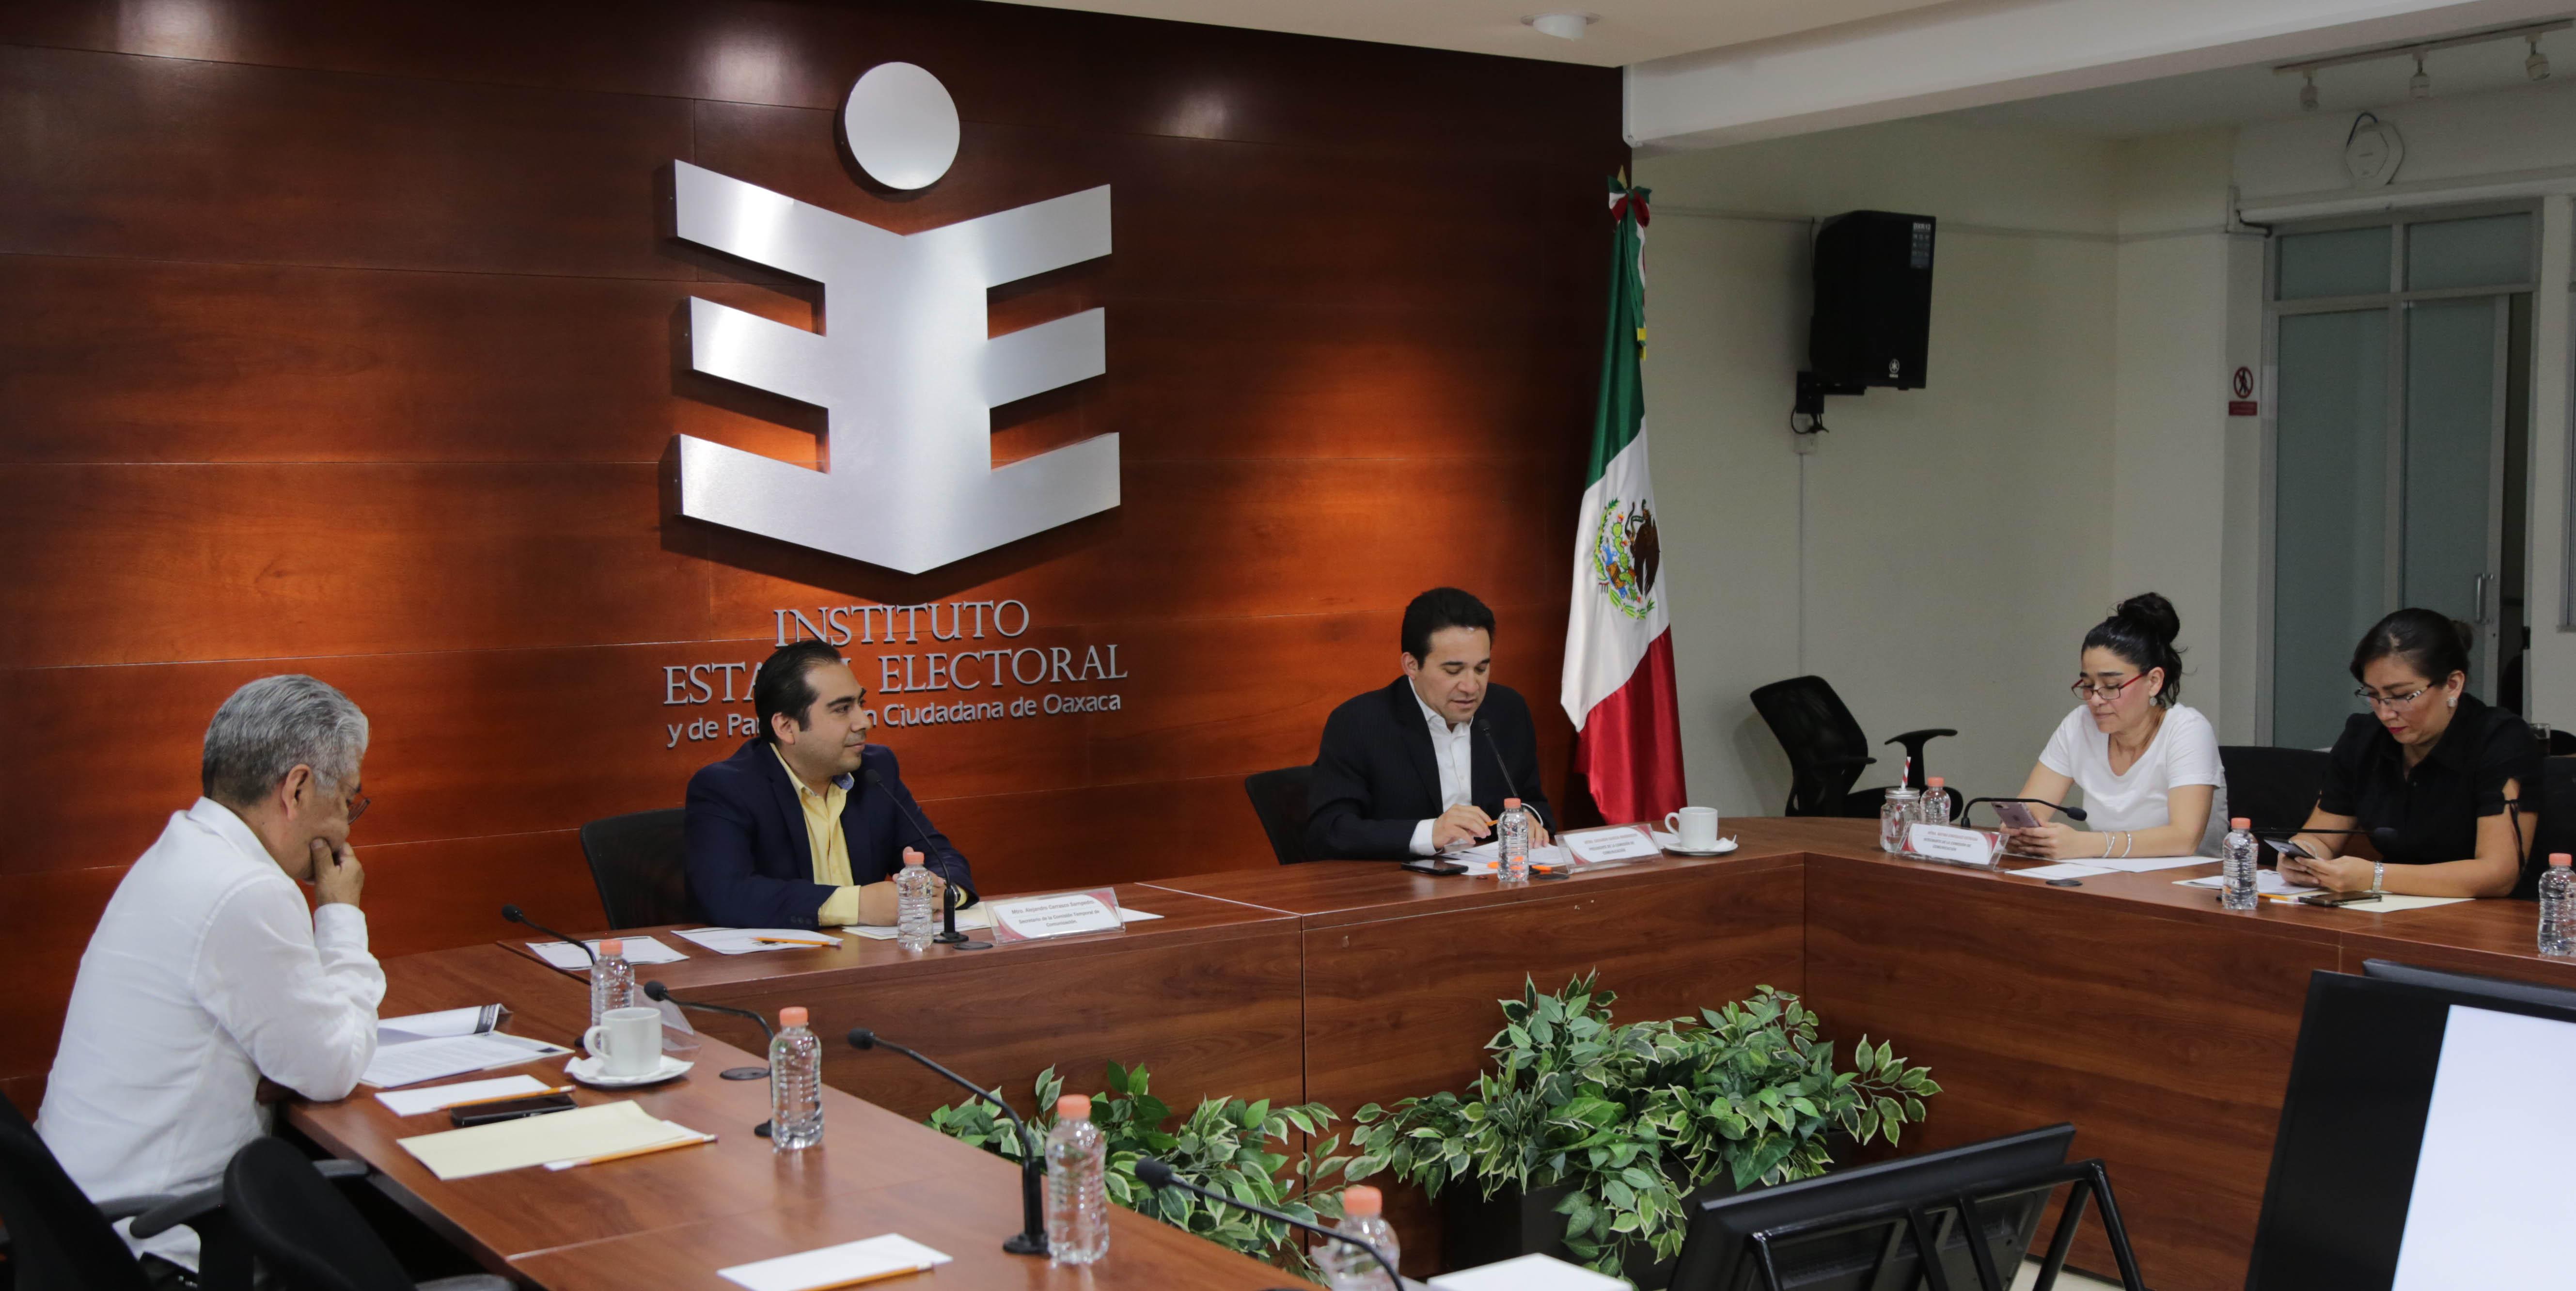 Photo of Presenta IEEPCO estrategia de comunicación con enfoque abierto